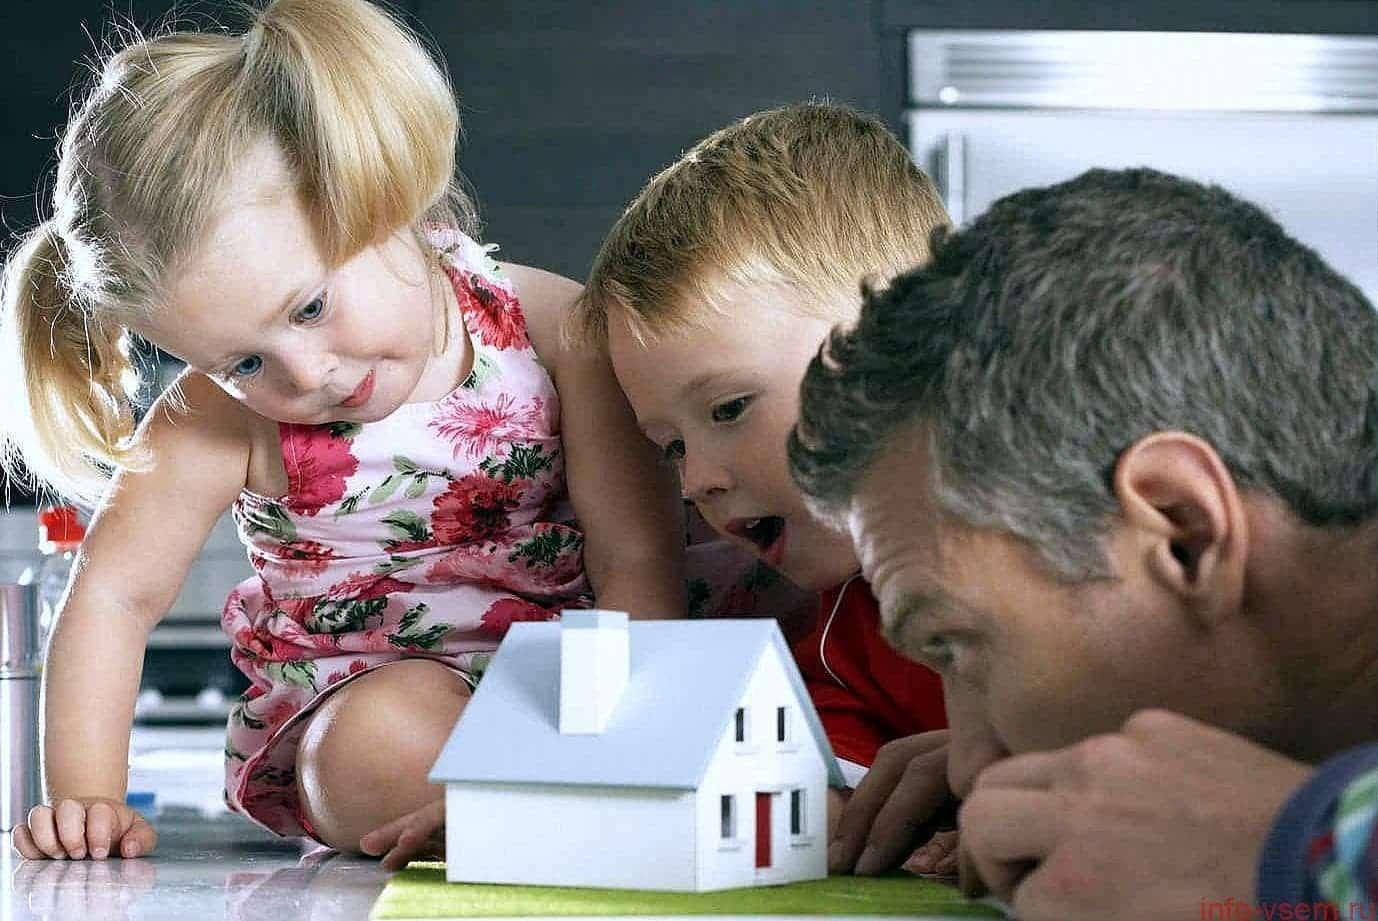 Ипотека для многодетных семей: 450 тыс. рублей от государства. Кто может рассчитывать на компенсацию